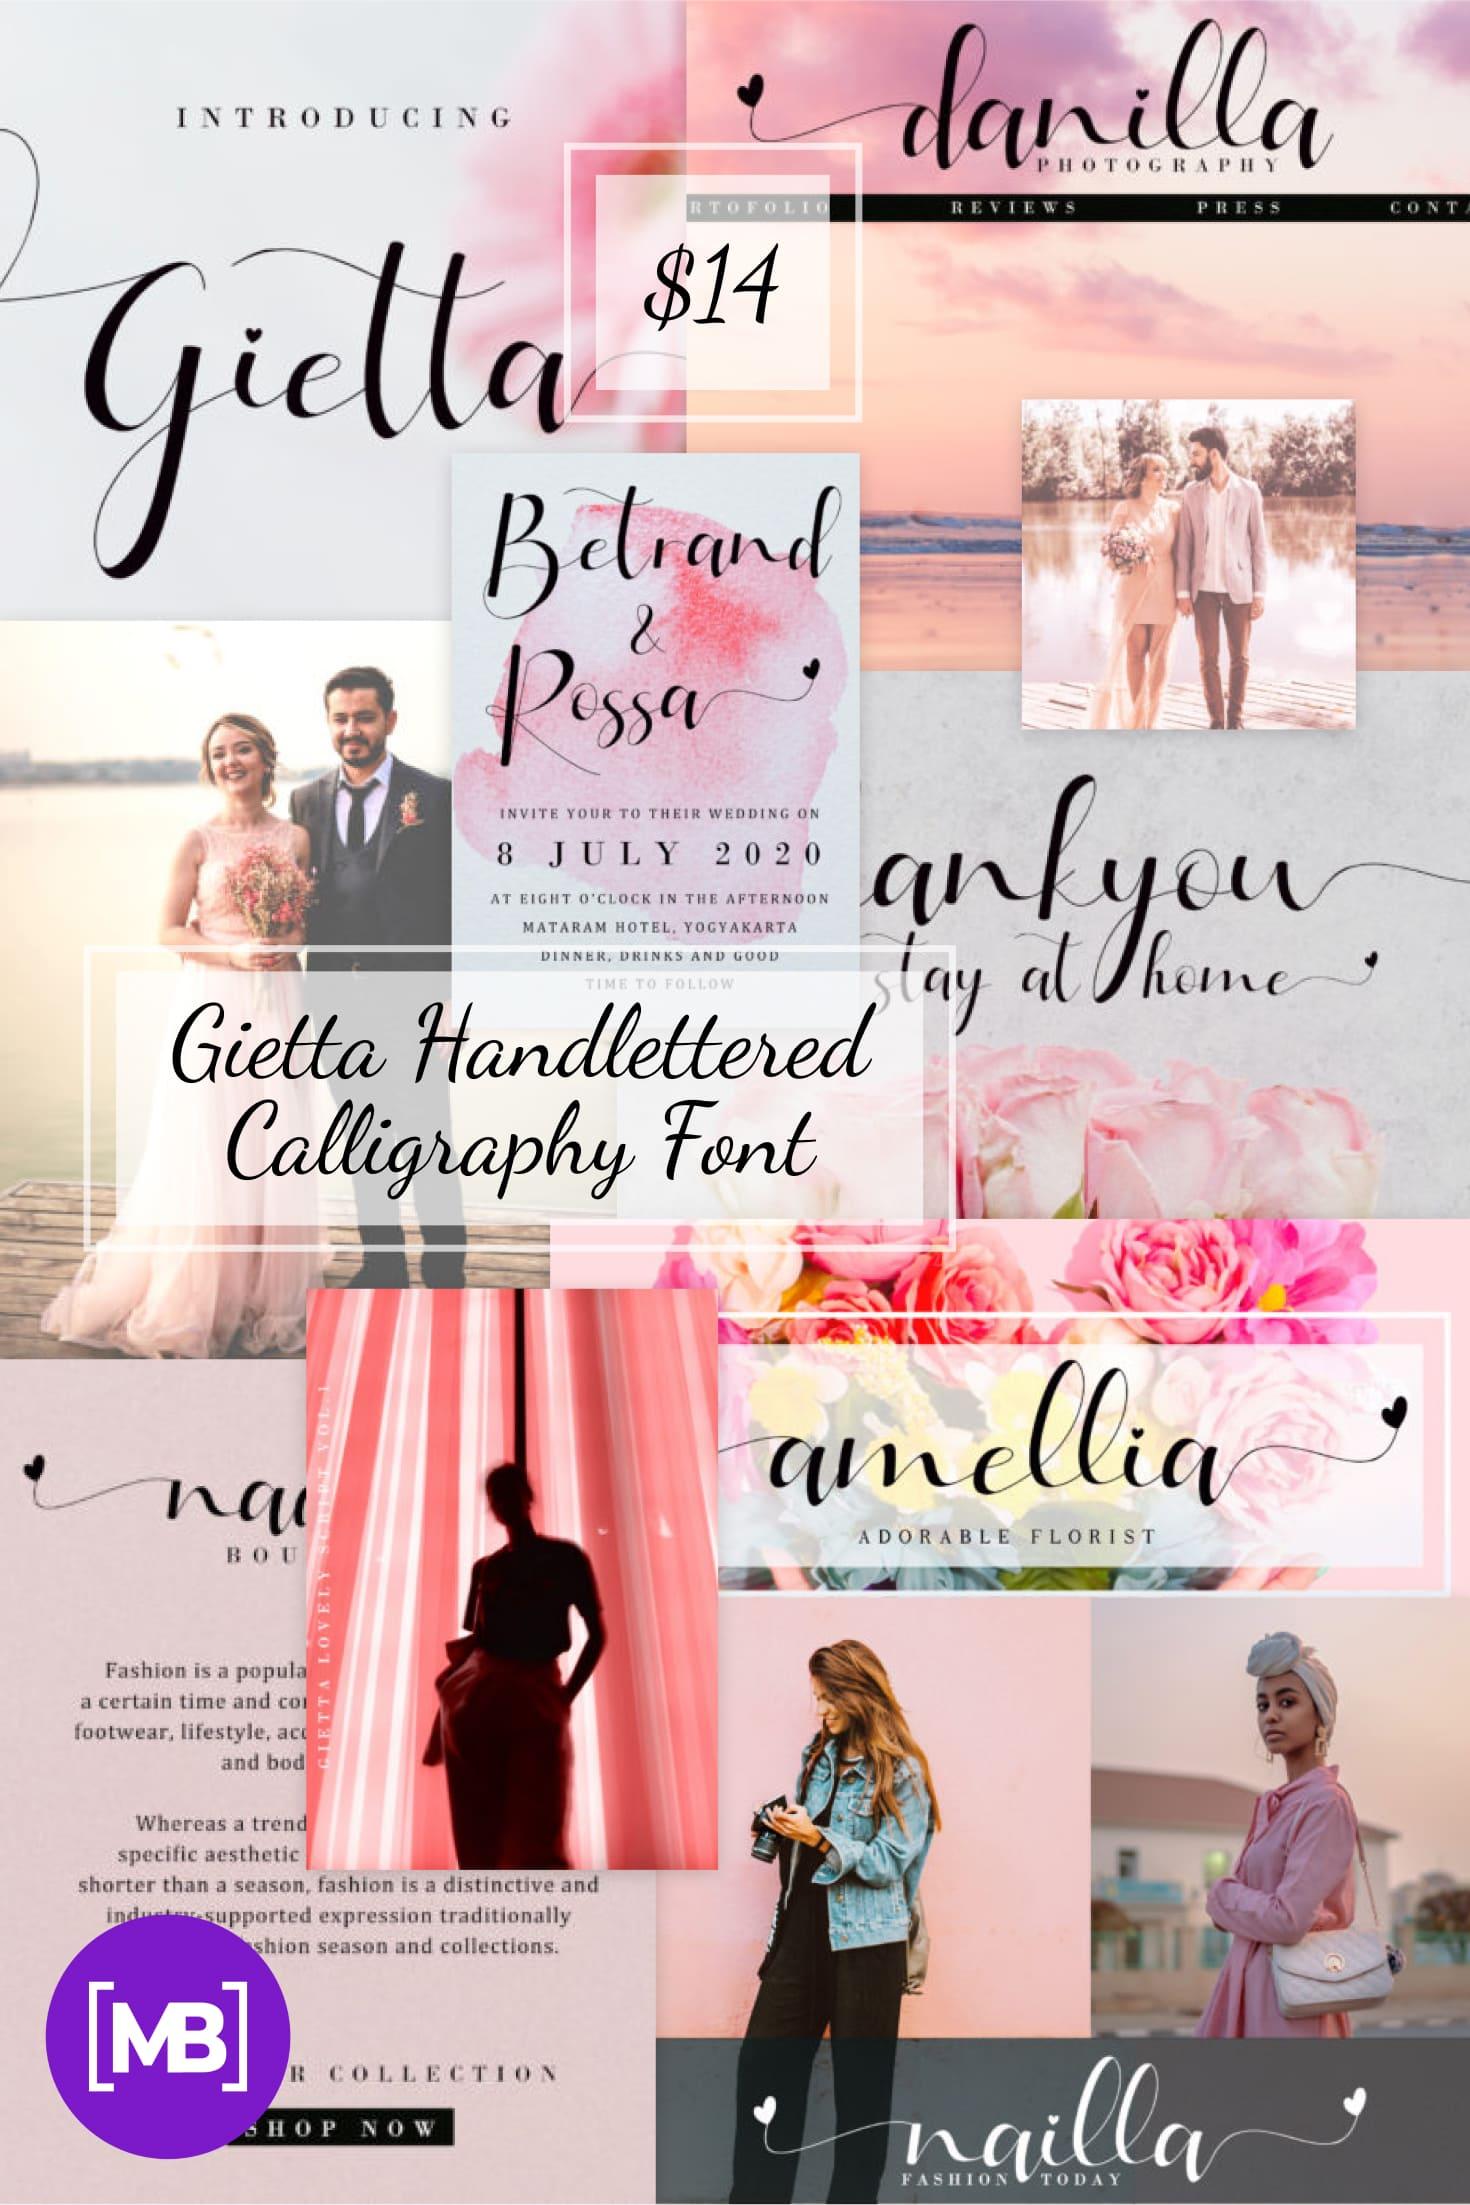 Pinterest Image: Gietta Handlettered Calligraphy Font.